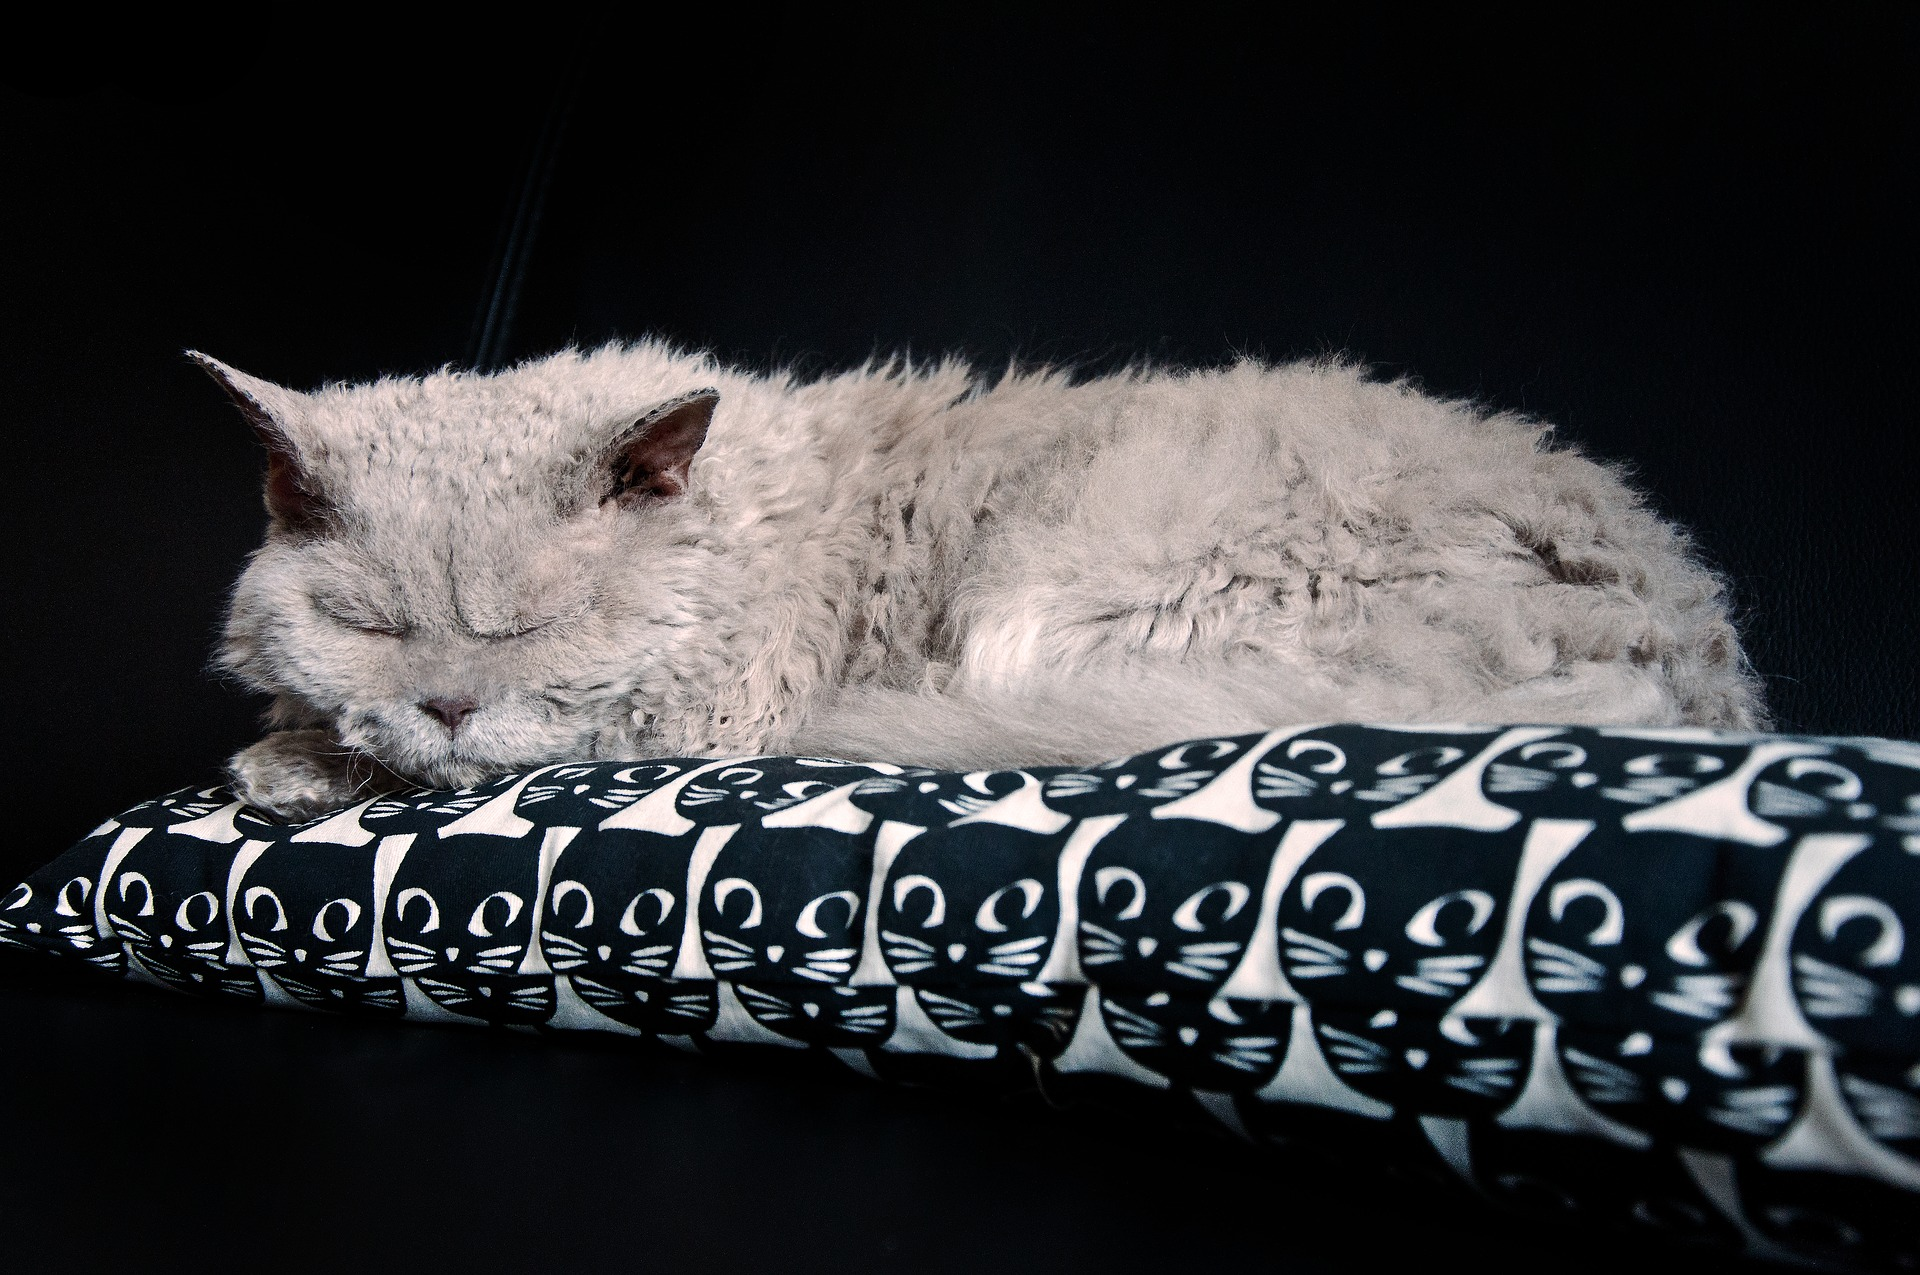 Selkirk Rex sind wunderschöne Katzen mit einem einzigartigen Fell, das dem eines Schafes ähnelt.